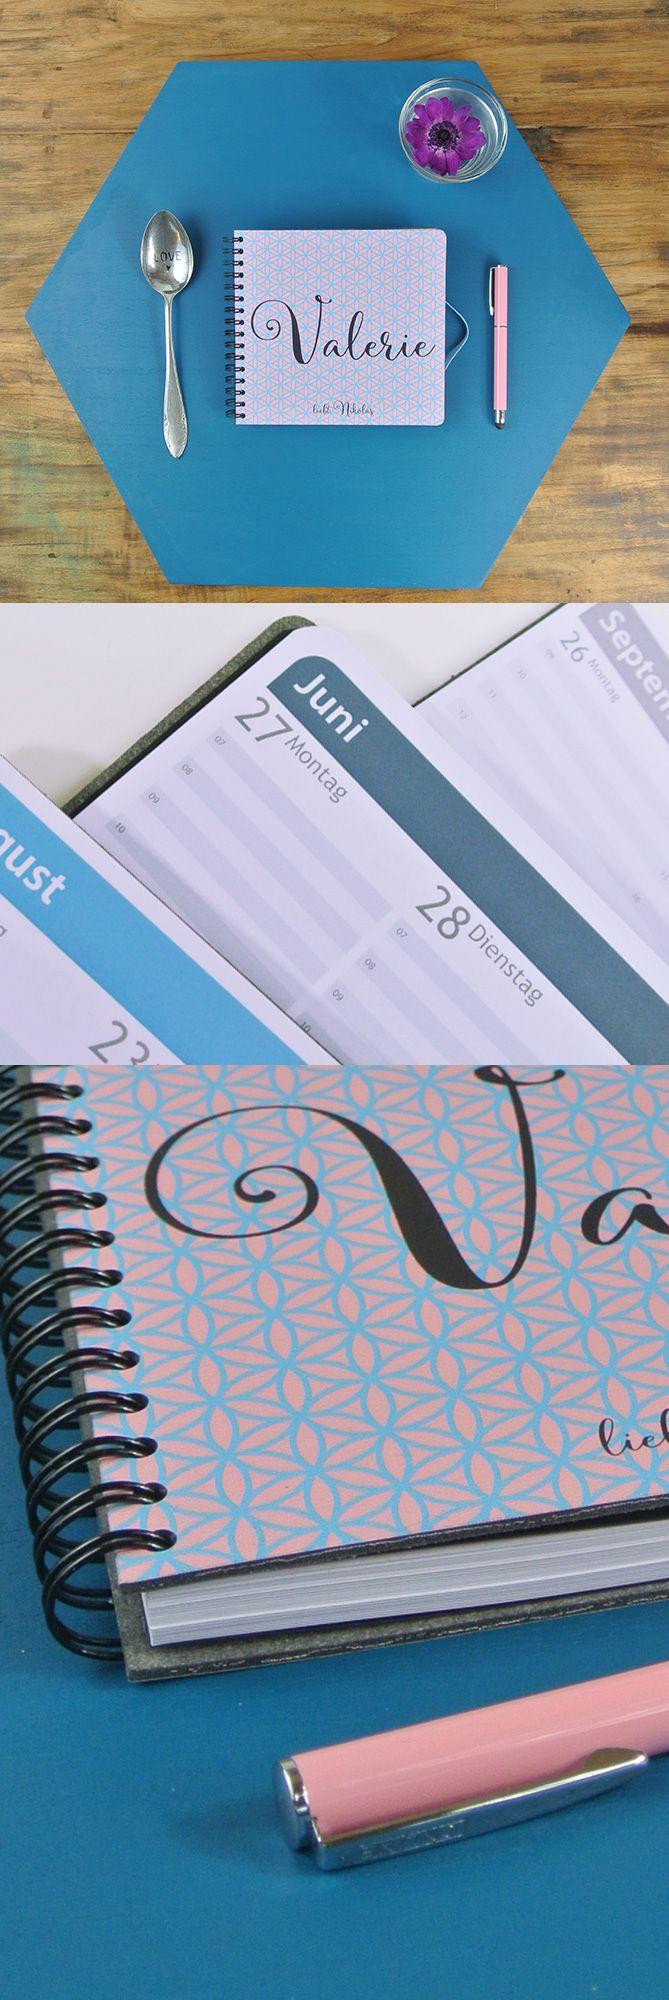 Taschenkalender Premium 15x14 ❤ Cover aus Lederfasermaterial ❤ Direktdruck mit Deiner Cover-Gestaltung ❤ Designs und Text wählbar ❤ Farben wählen ❤ Gummibändchen-Farbe wählbar ❤ Inhalt selbst zusammenstellen